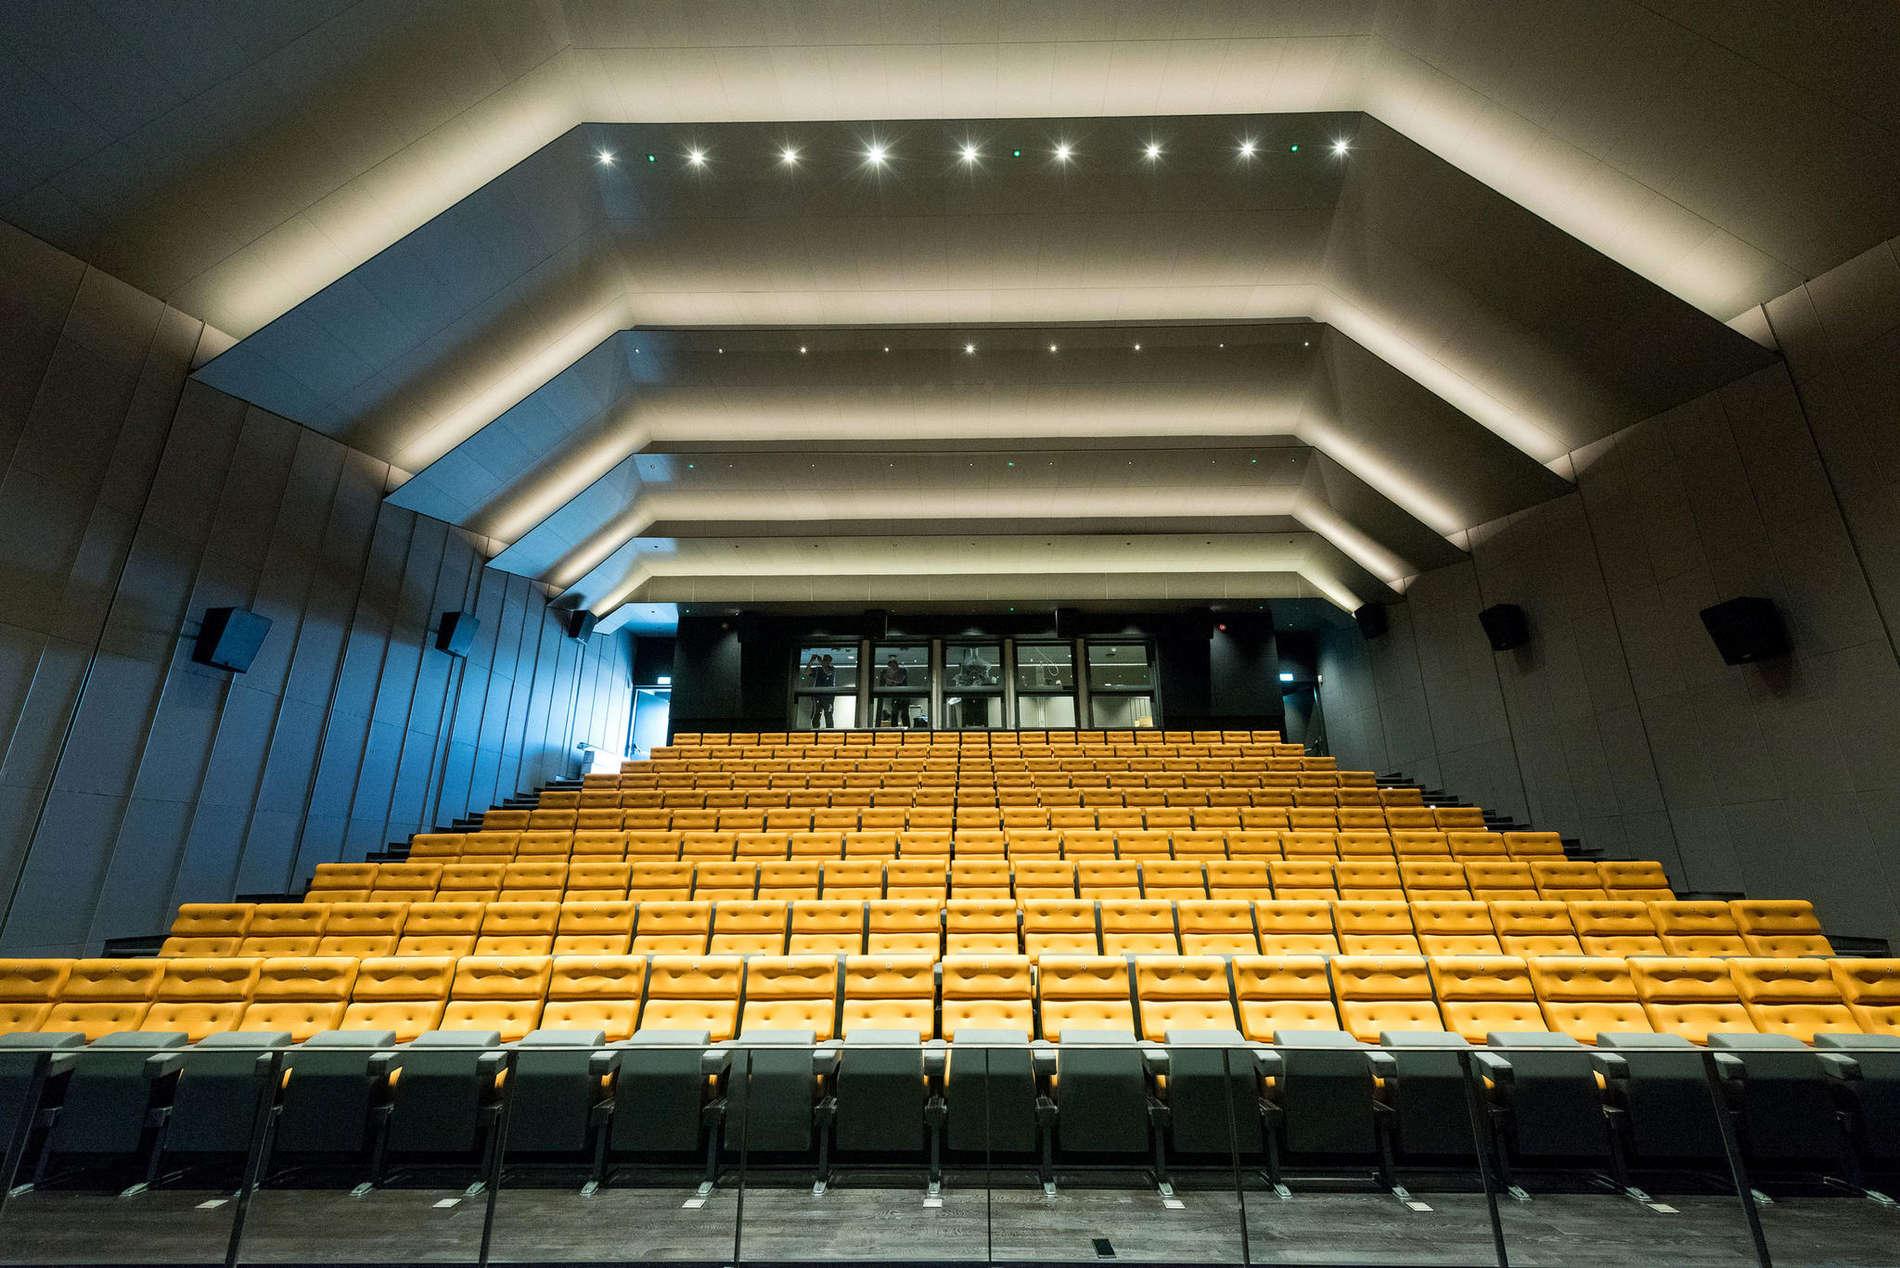 Filmimuuseum_kinosaal_2017